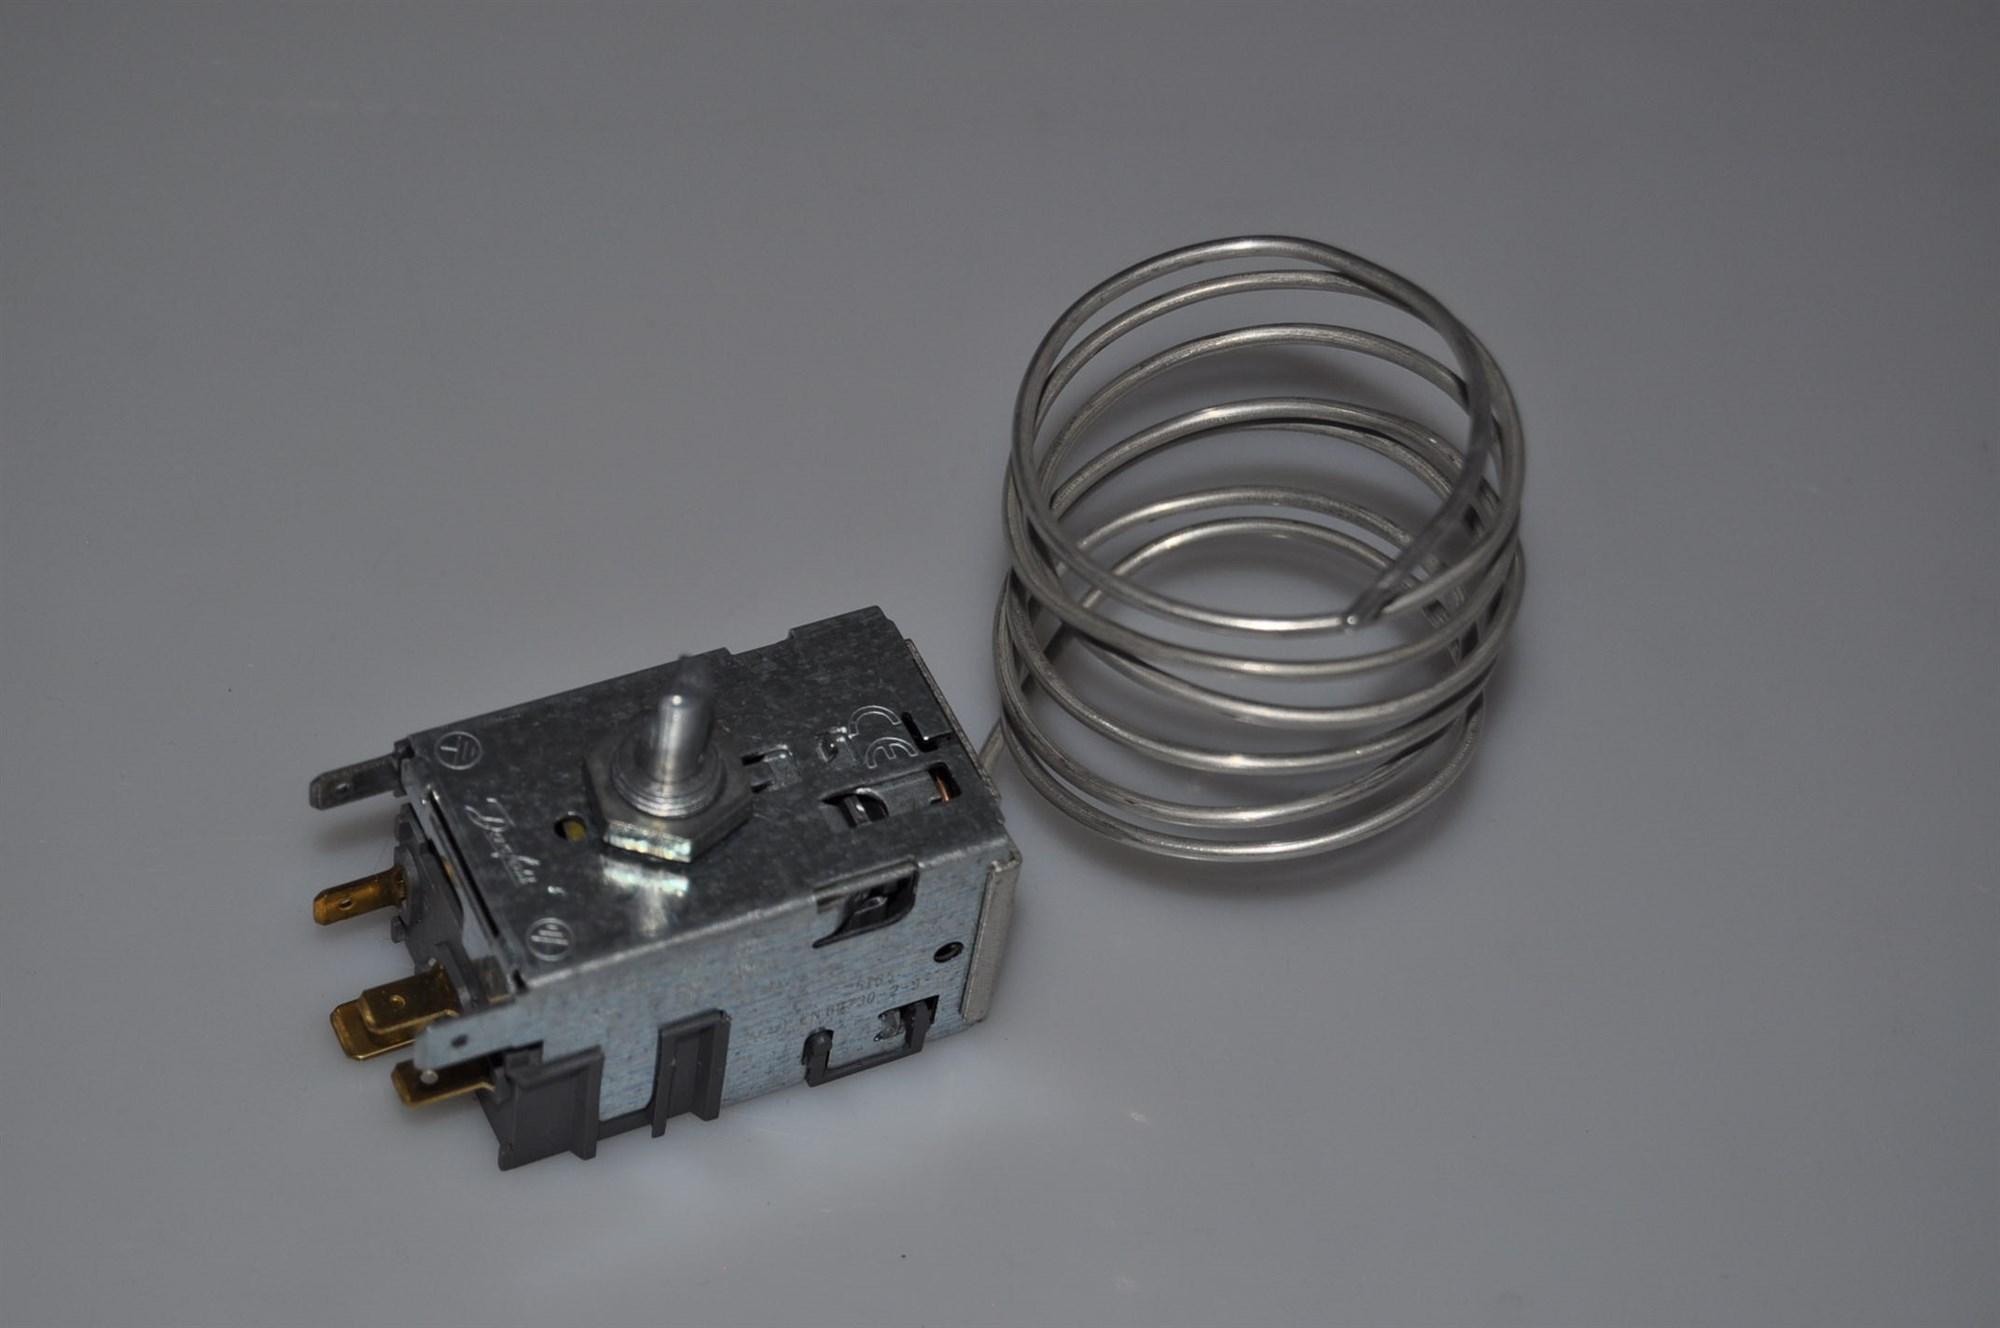 Aeg Kühlschrank Thermostat : Kühlschrank scharnier wechseln anleitung diybook at